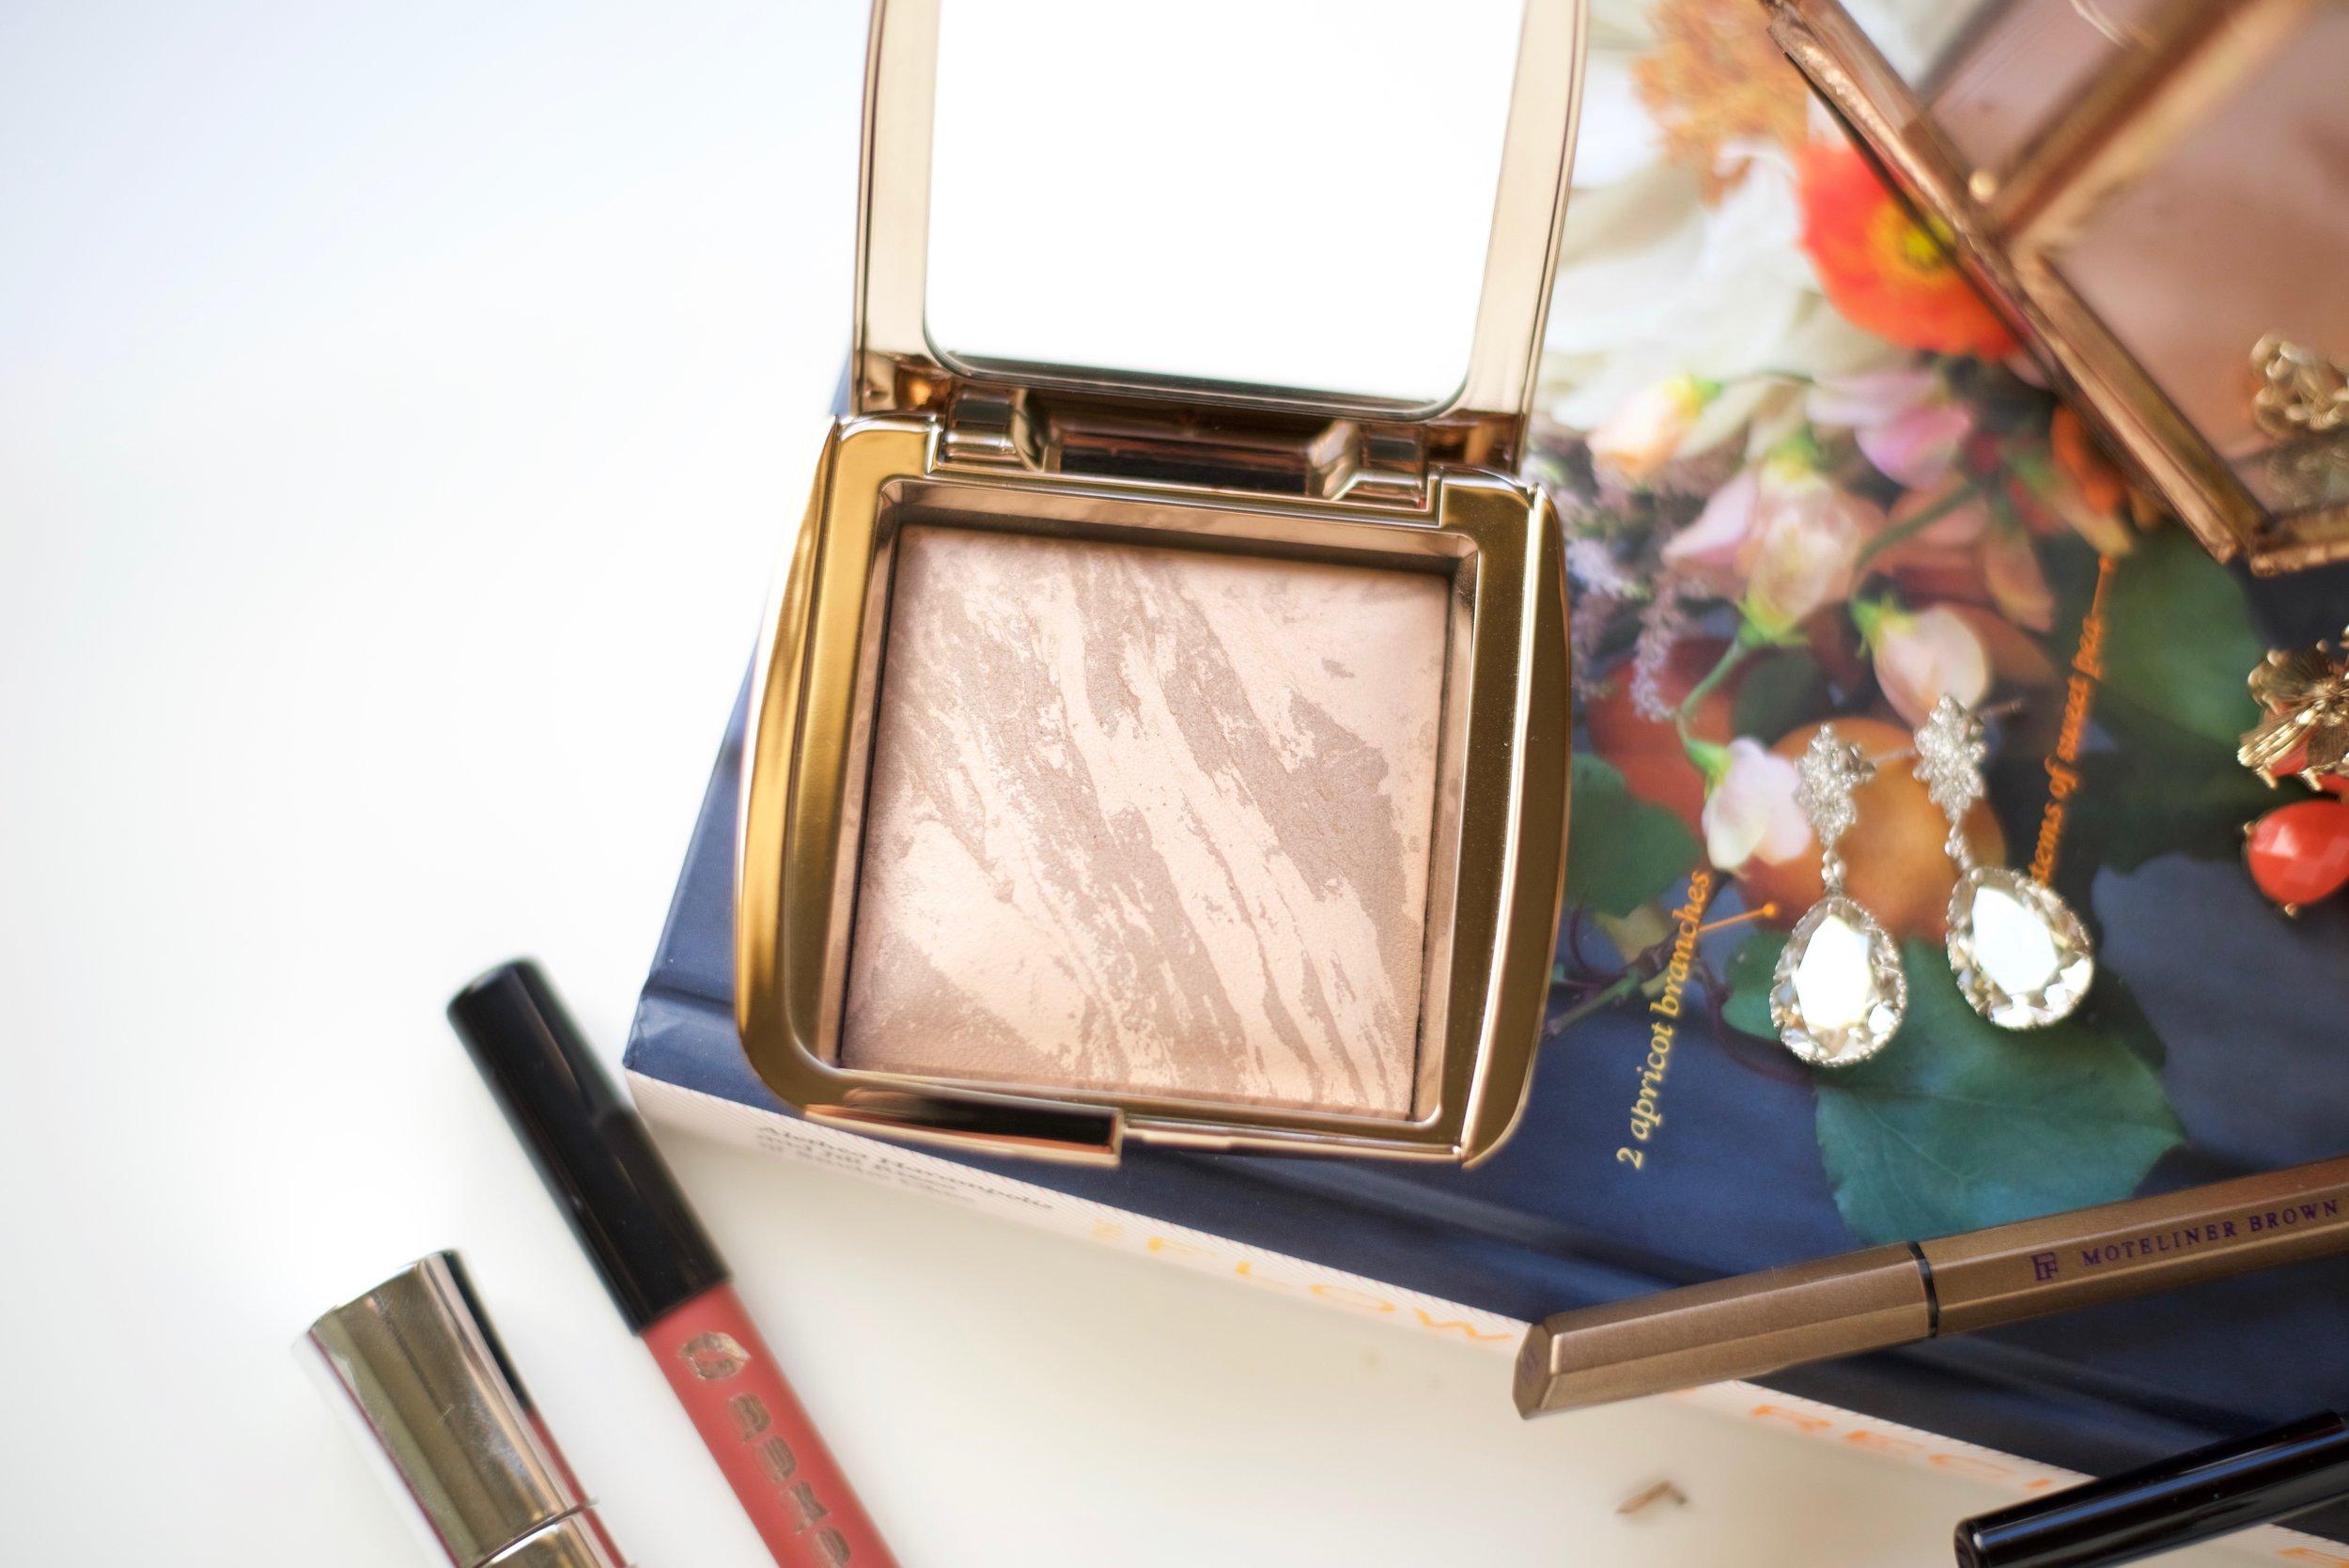 Hourglass Ambient Lighting Bronzer  - in Nude Bronze Light